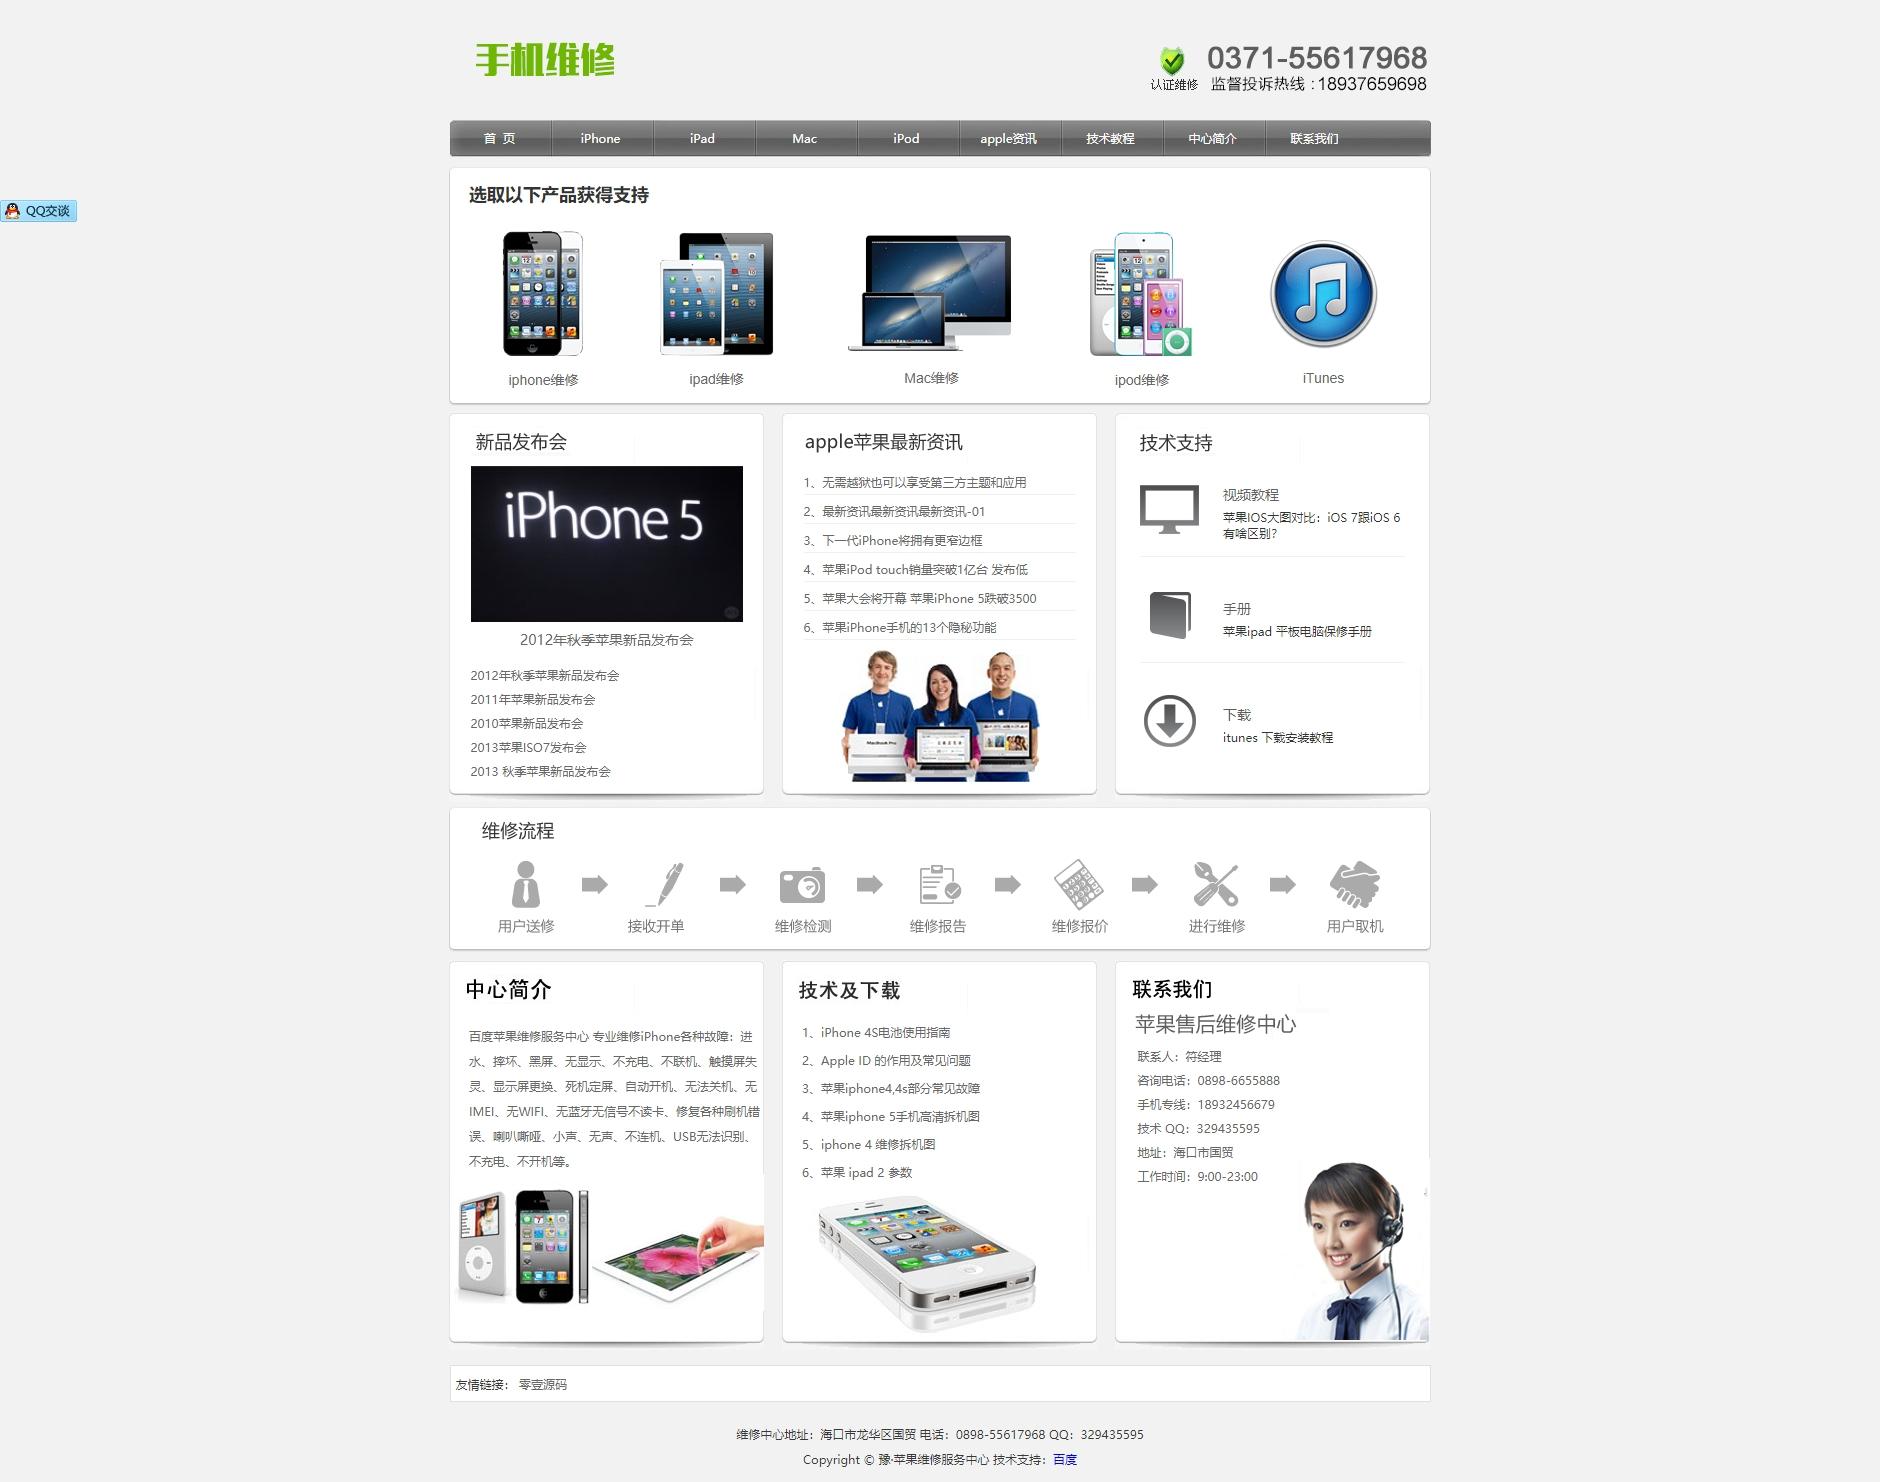 手机维修类企业织梦dedecms模板